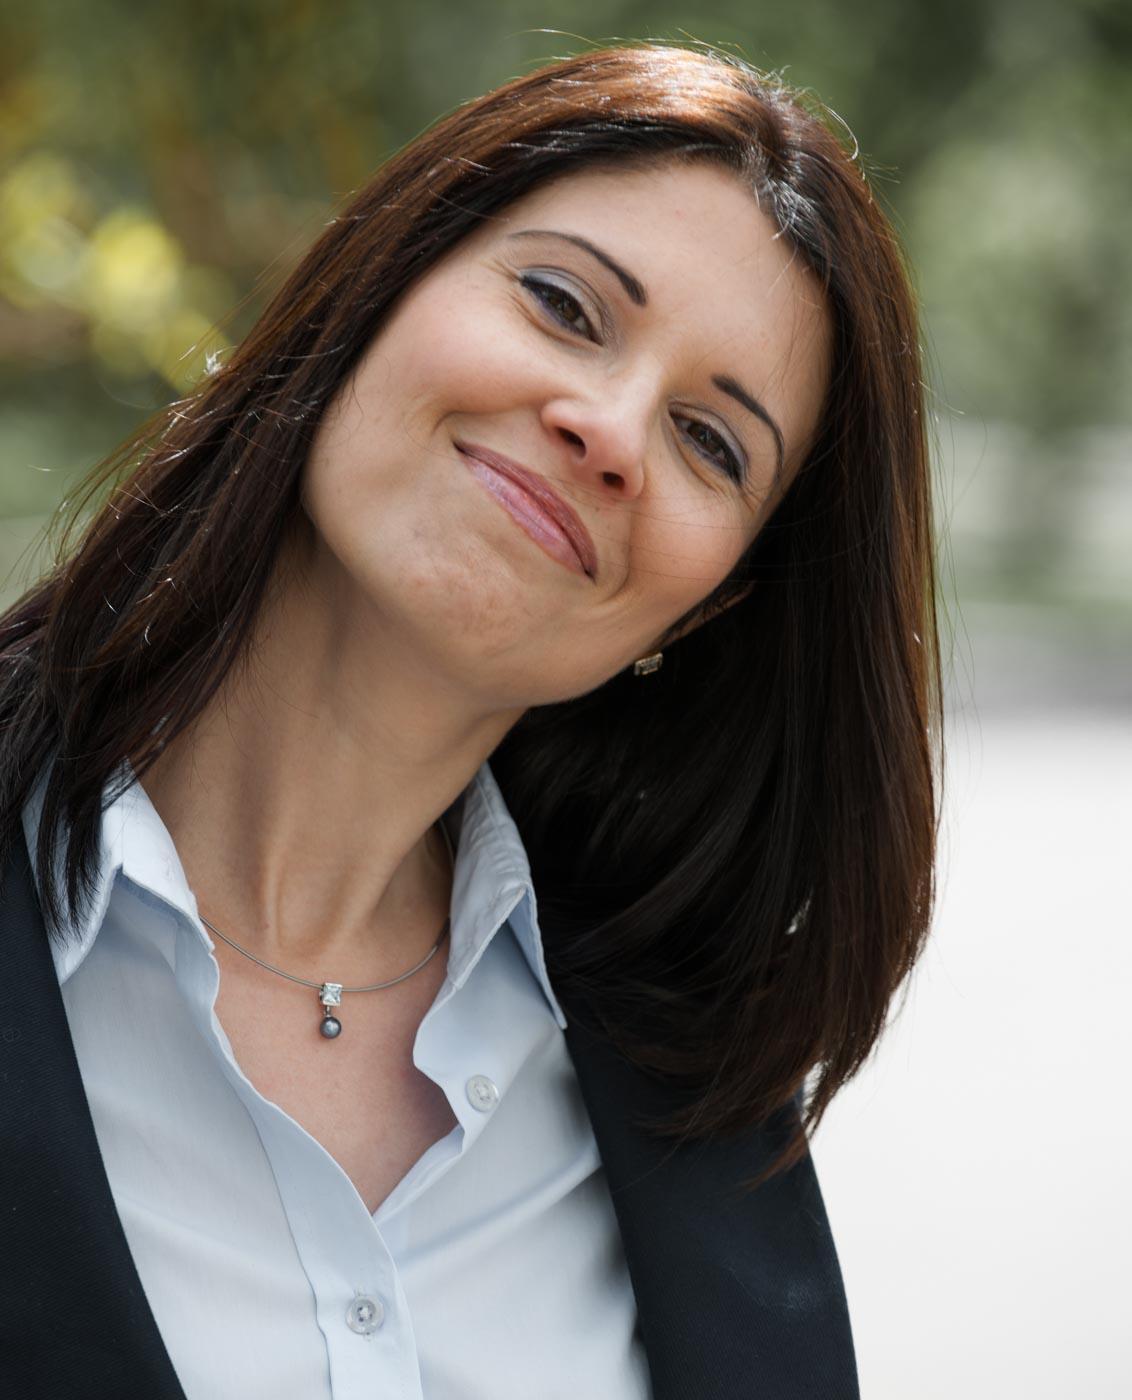 Katja-Ravenstein-Yaph-Business-Portrait-19